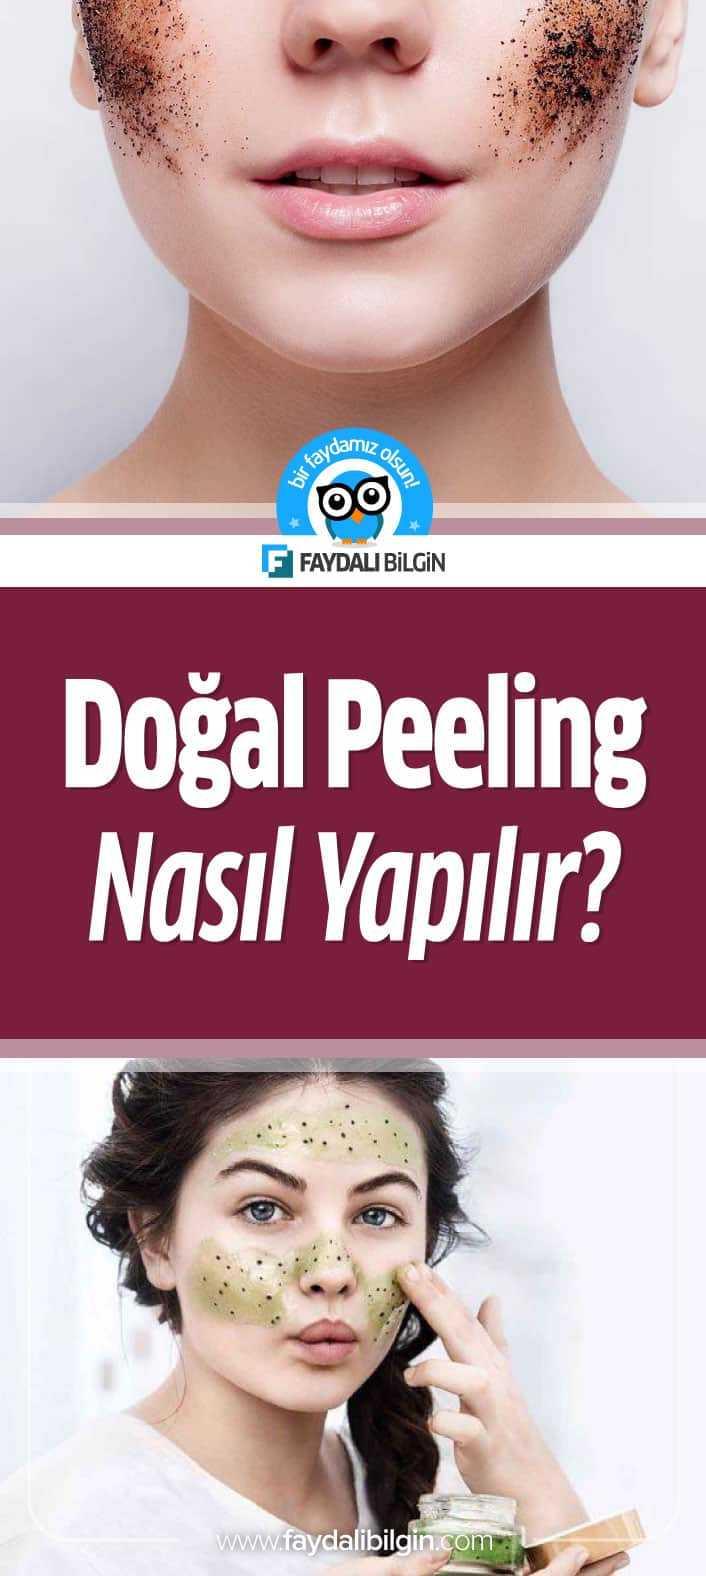 Daha güzel ve daha sağlıklı bir cilde sahip olmak için evde gerçekleştirebileceğiniz doğal peeling tarifleri sizlerle. #doğal #peeling #cilt #ciltbakımı #güzellik #yüzbakımı #yüztemizliği #kadın #makyaj #güzelliksırları